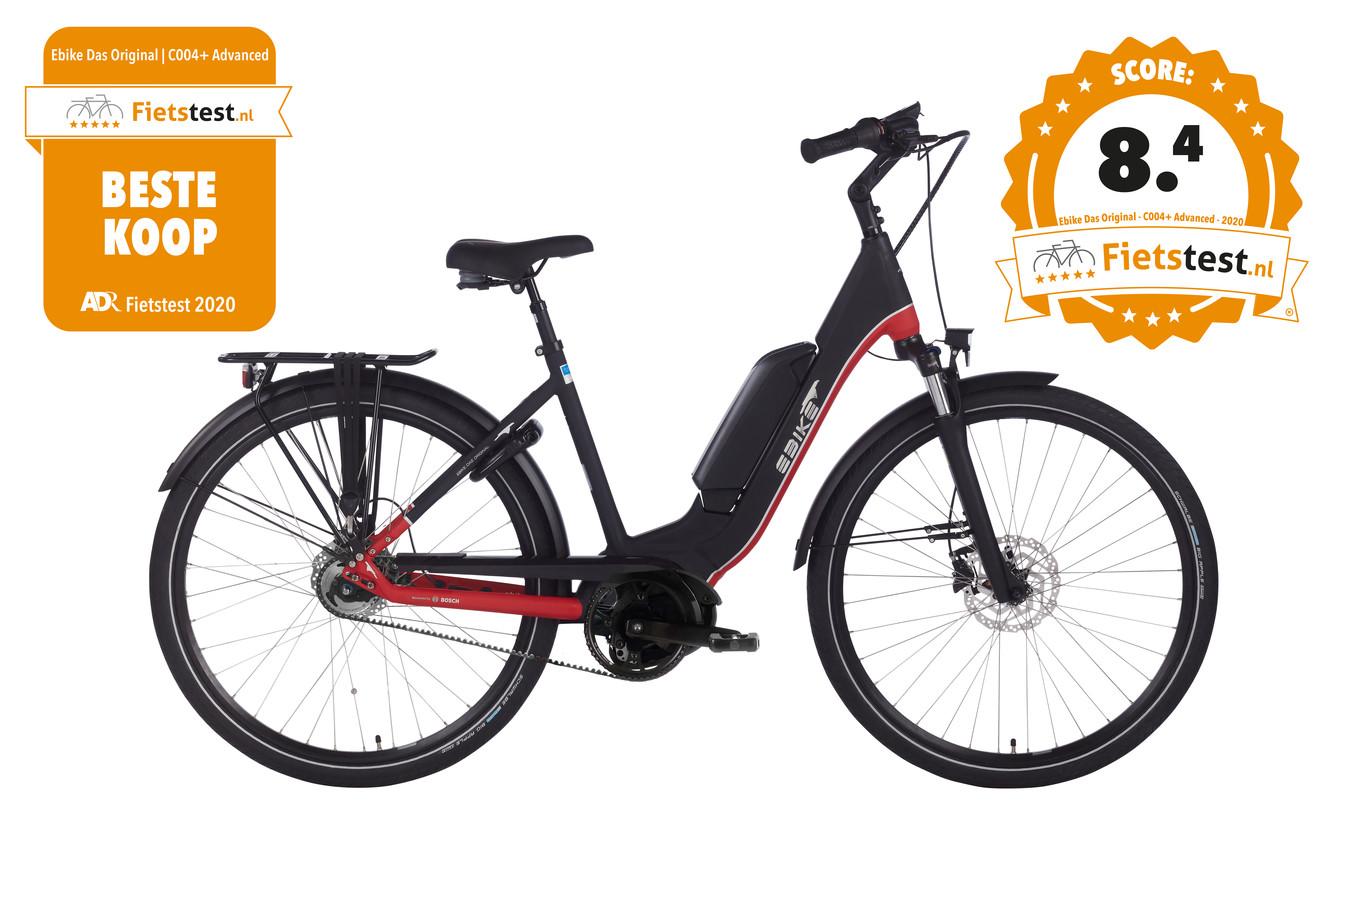 E-bike Das Original